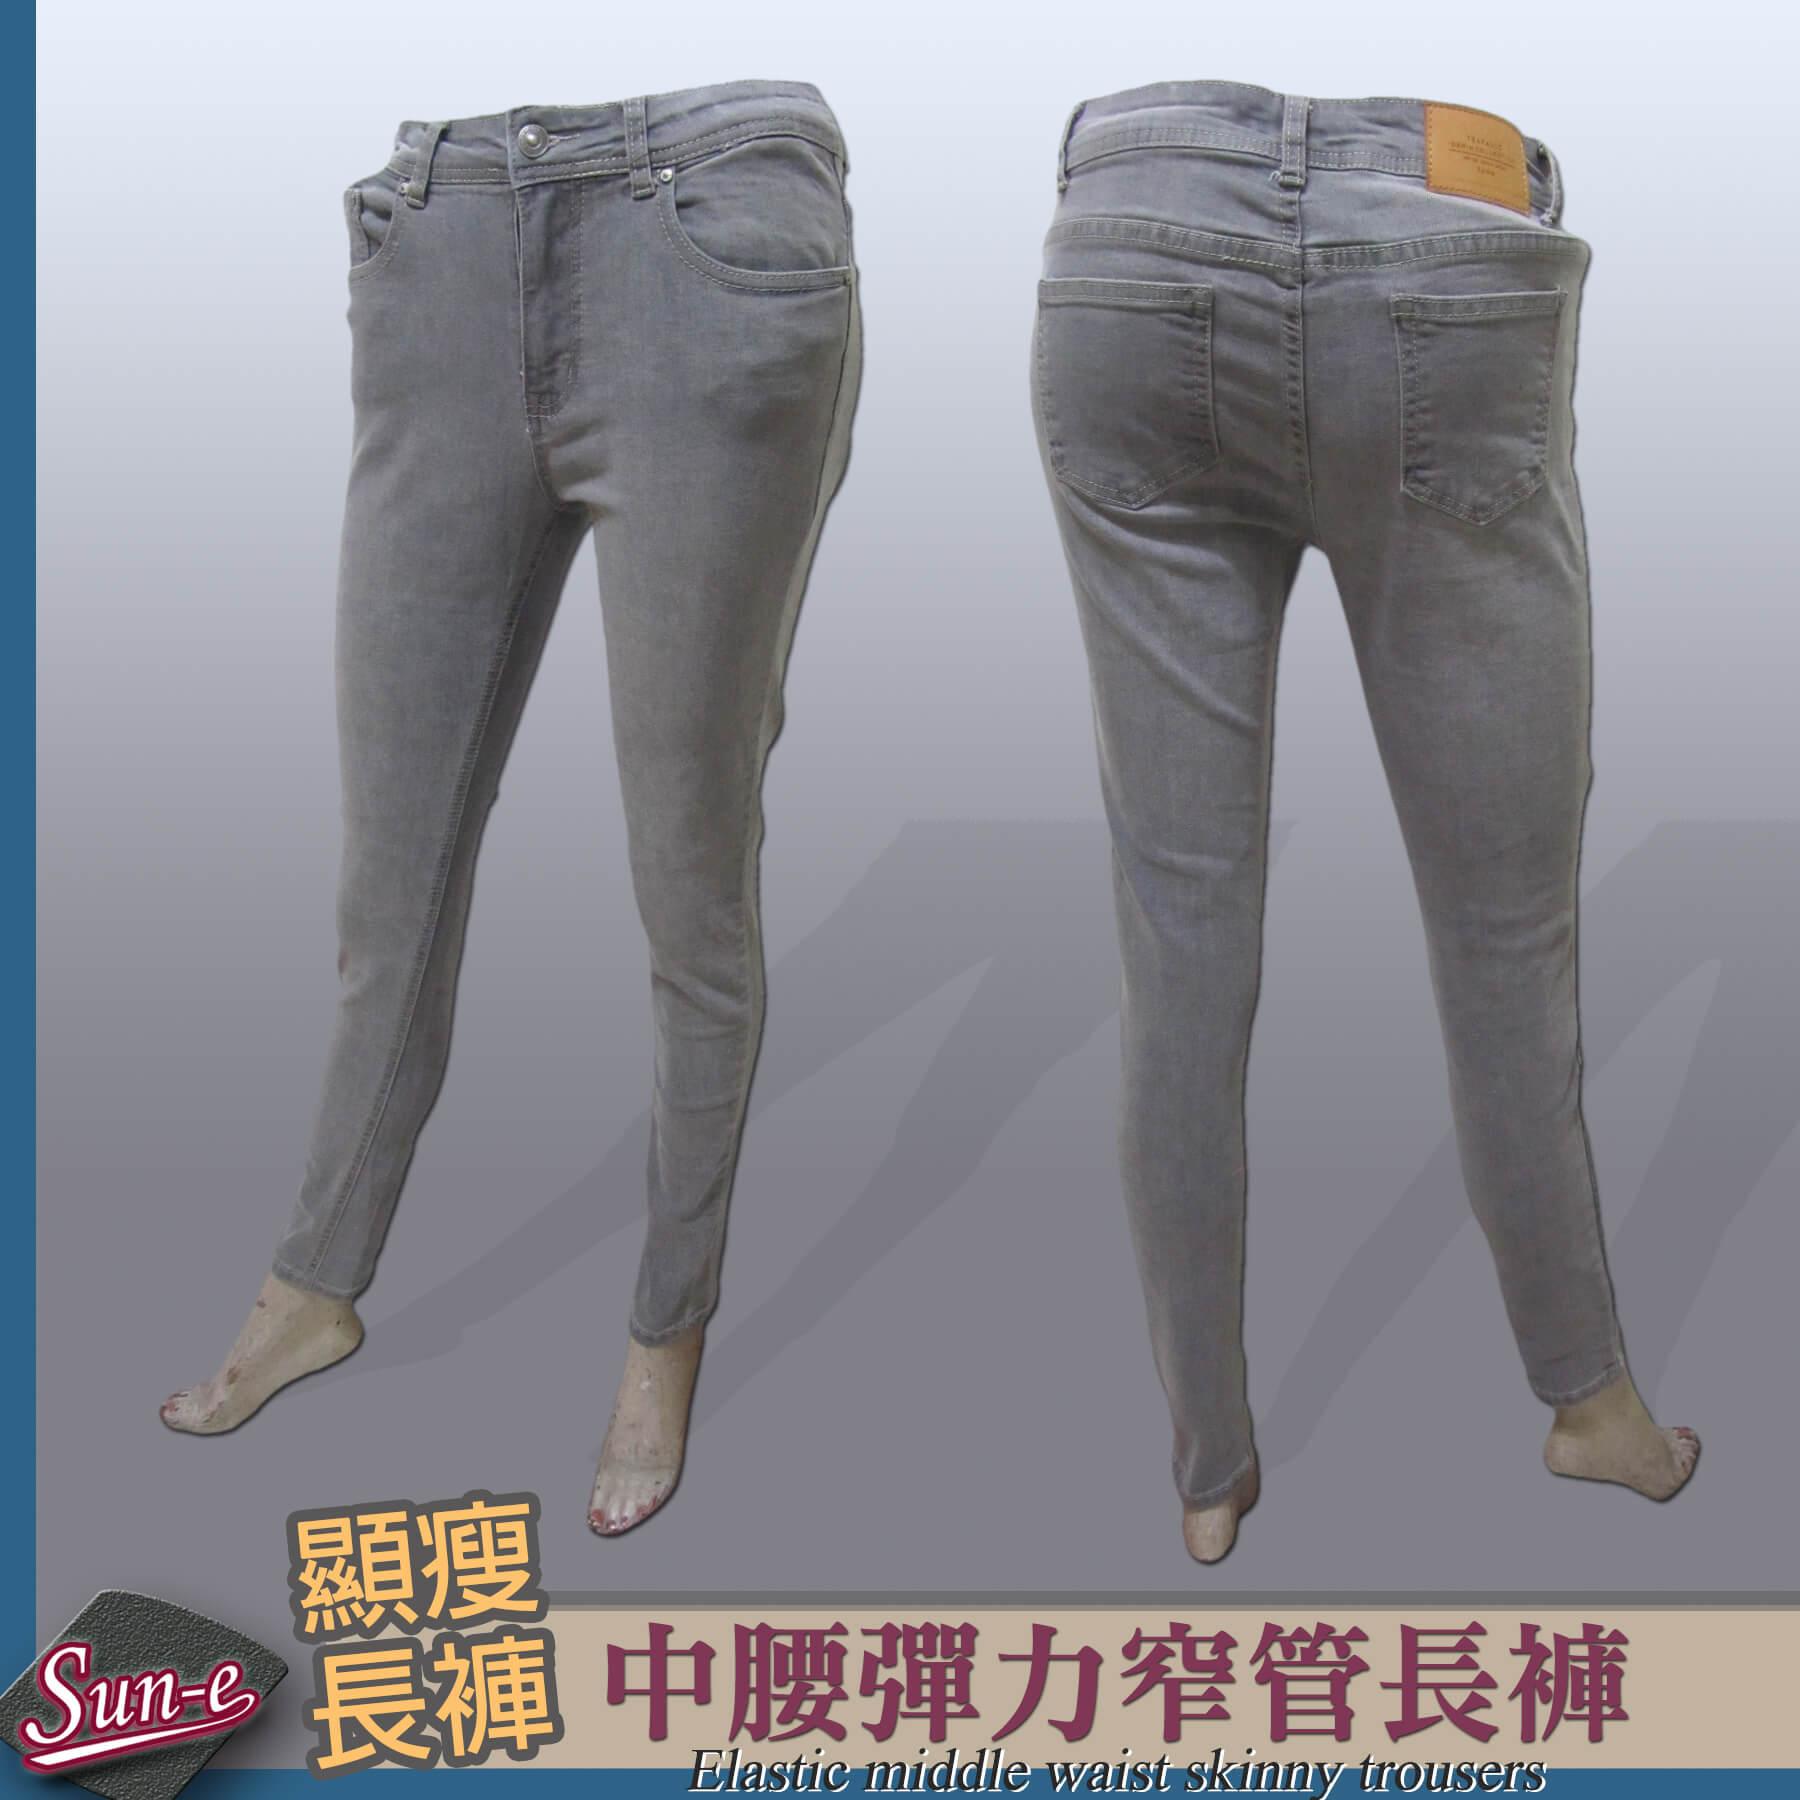 sun-e窄管長褲、中腰彈力長褲、顯瘦窄管褲、休閒長褲、丹寧長褲、牛仔長褲、腰圍有皮帶環(褲耳)、褲檔有拉鍊、灰色長褲(002-1931-22)灰 腰圍:S M L XL(28~35英吋)(女) 0